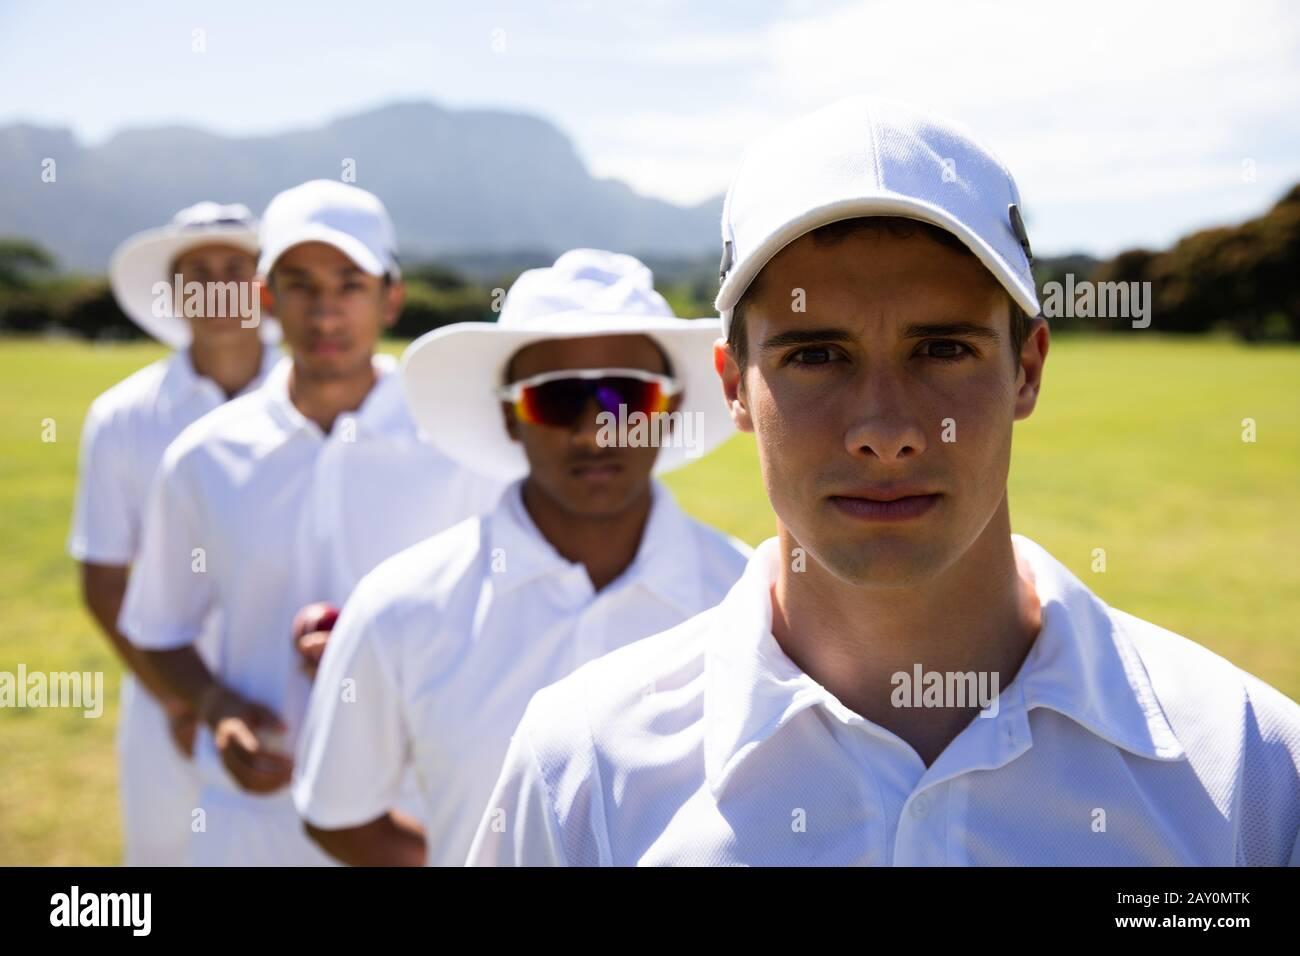 Joueurs de cricket regardant l'appareil photo Banque D'Images